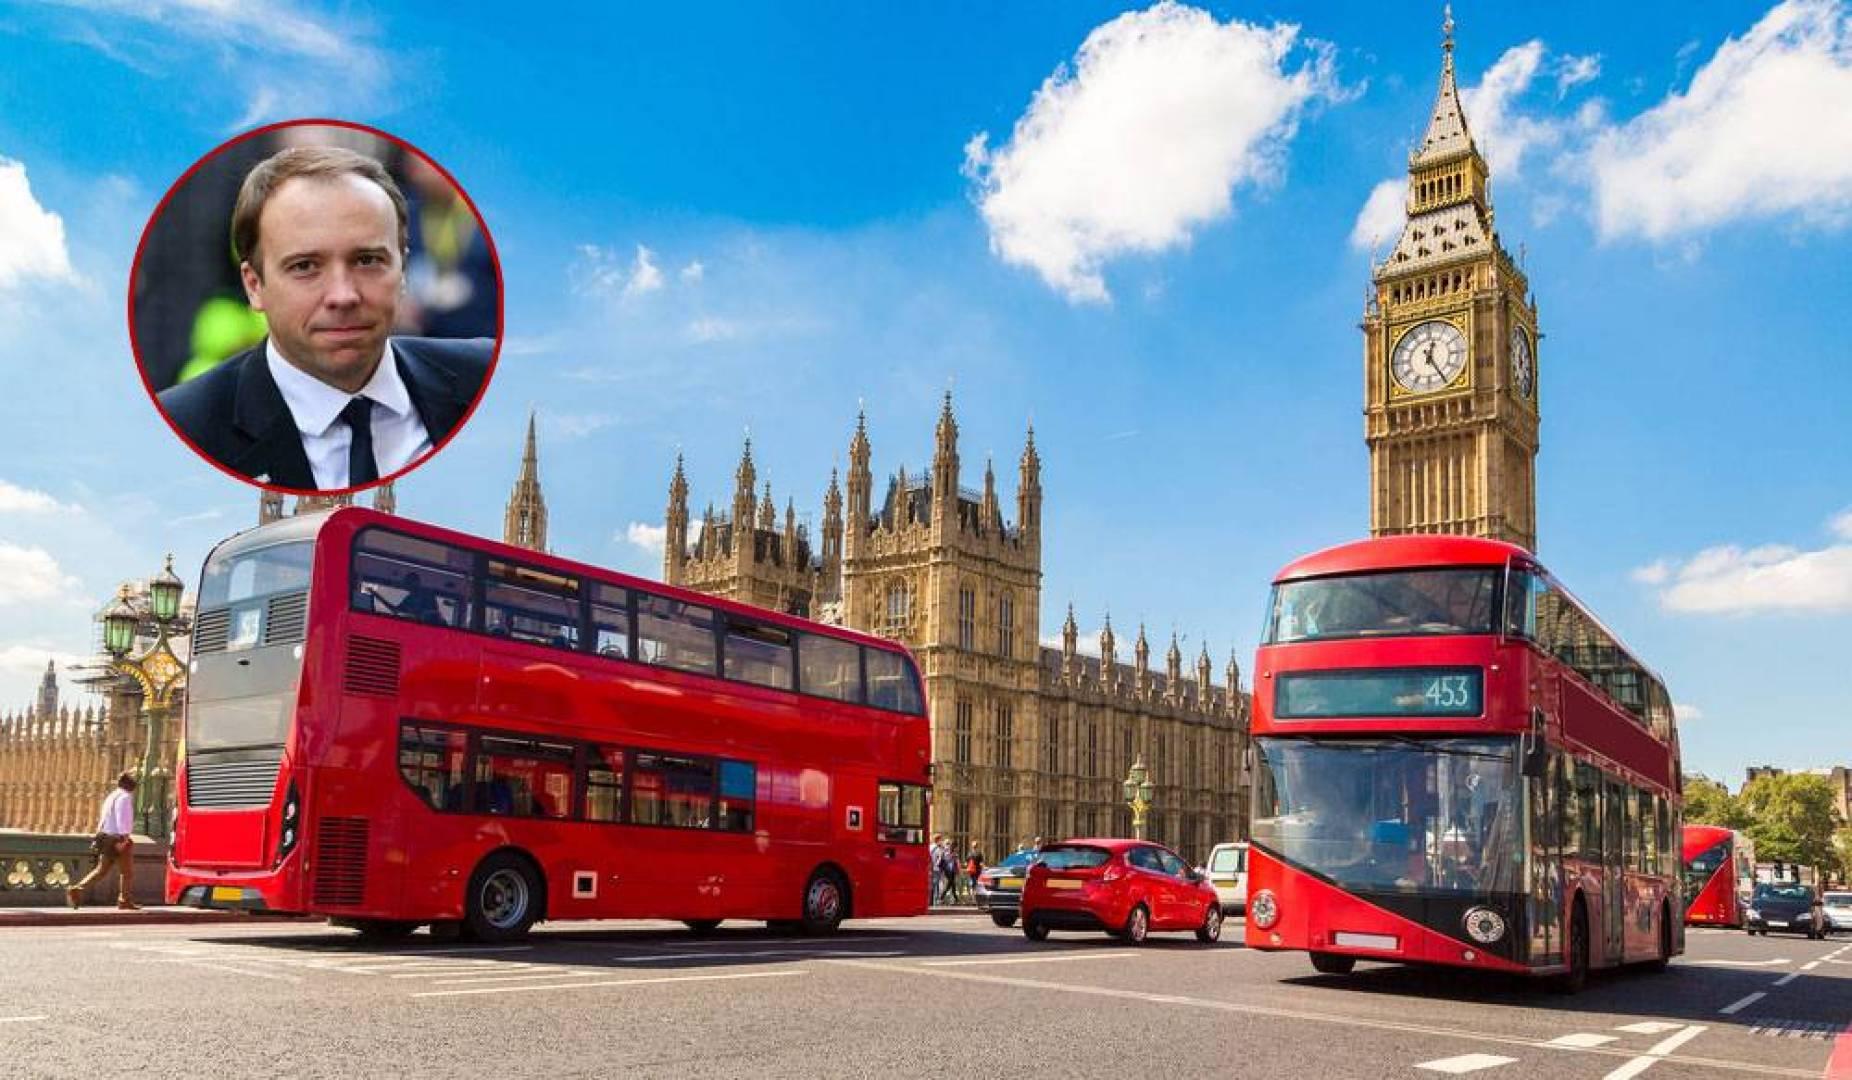 وزير الصحة البريطاني: قلقون من حدوث موجة ثانية من كورونا تضرب أوروبا